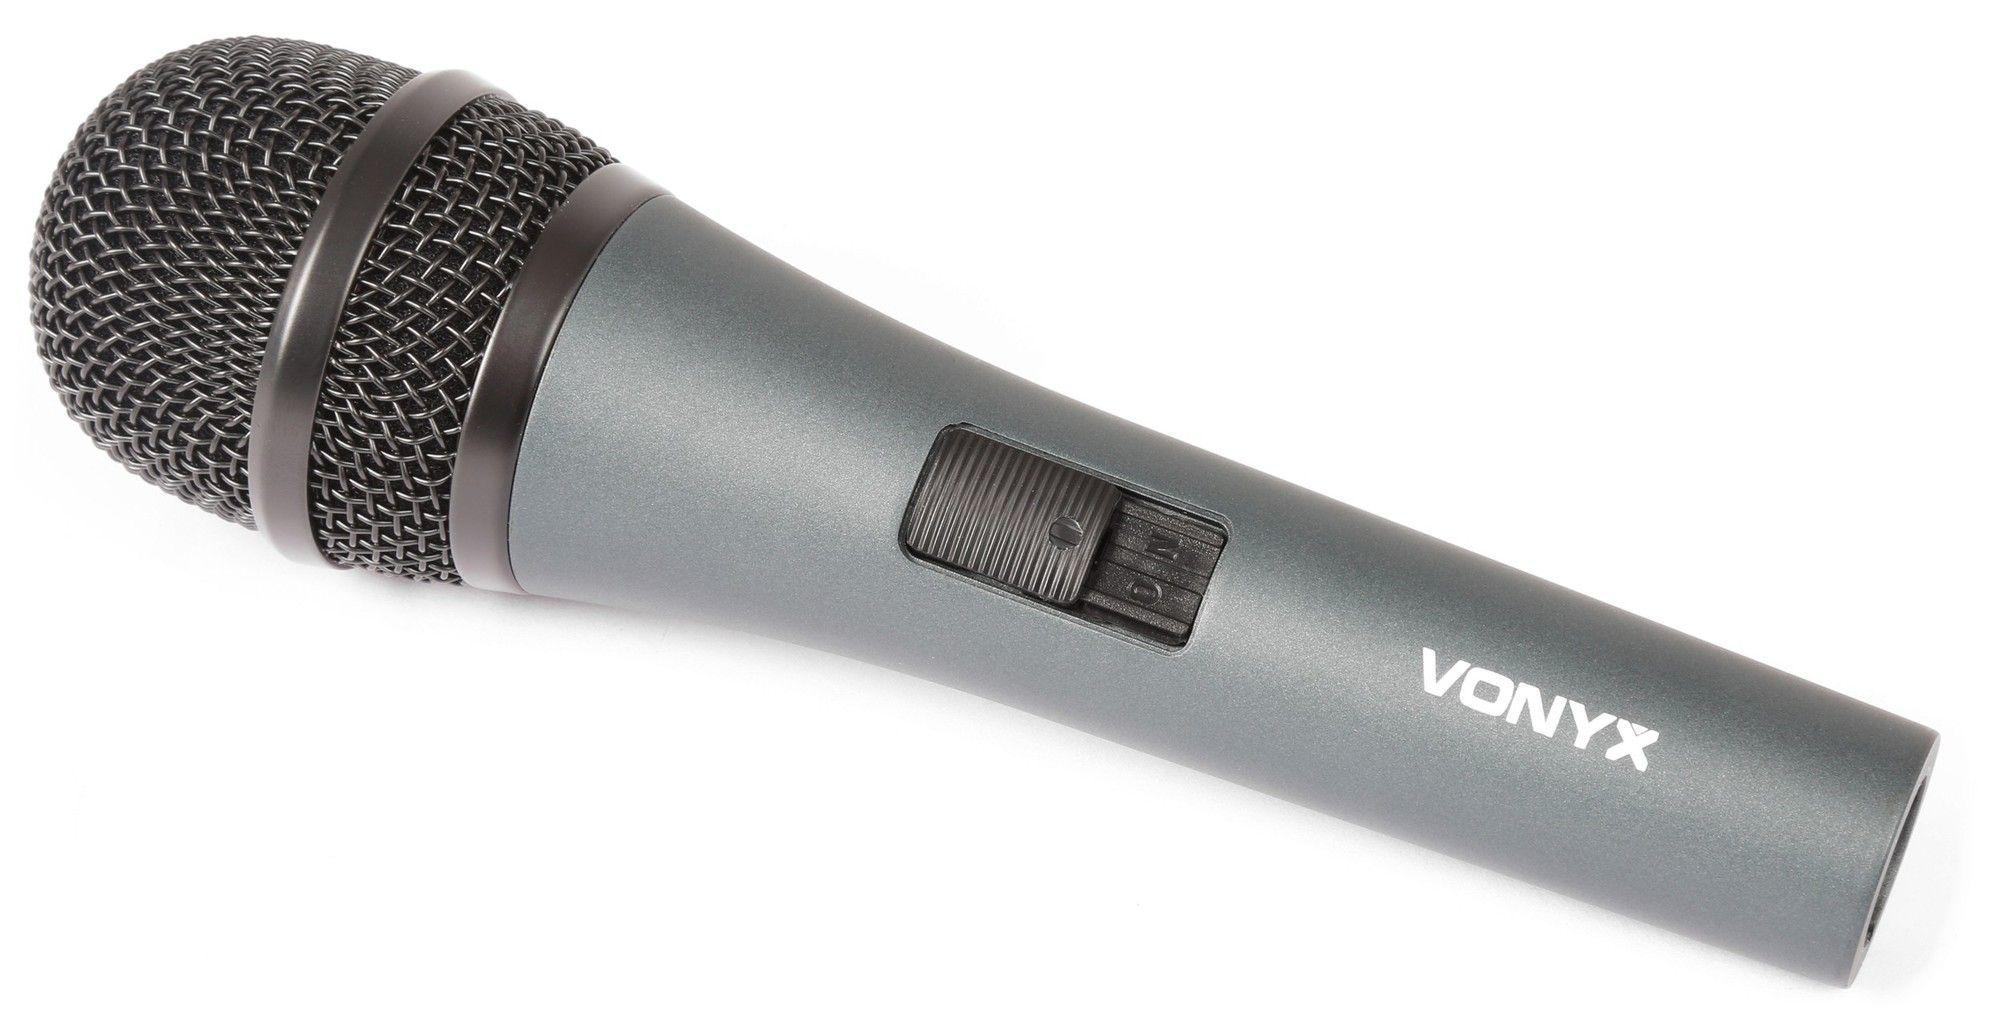 VonyX DM825 Dynamische vocale microfoon met kabel